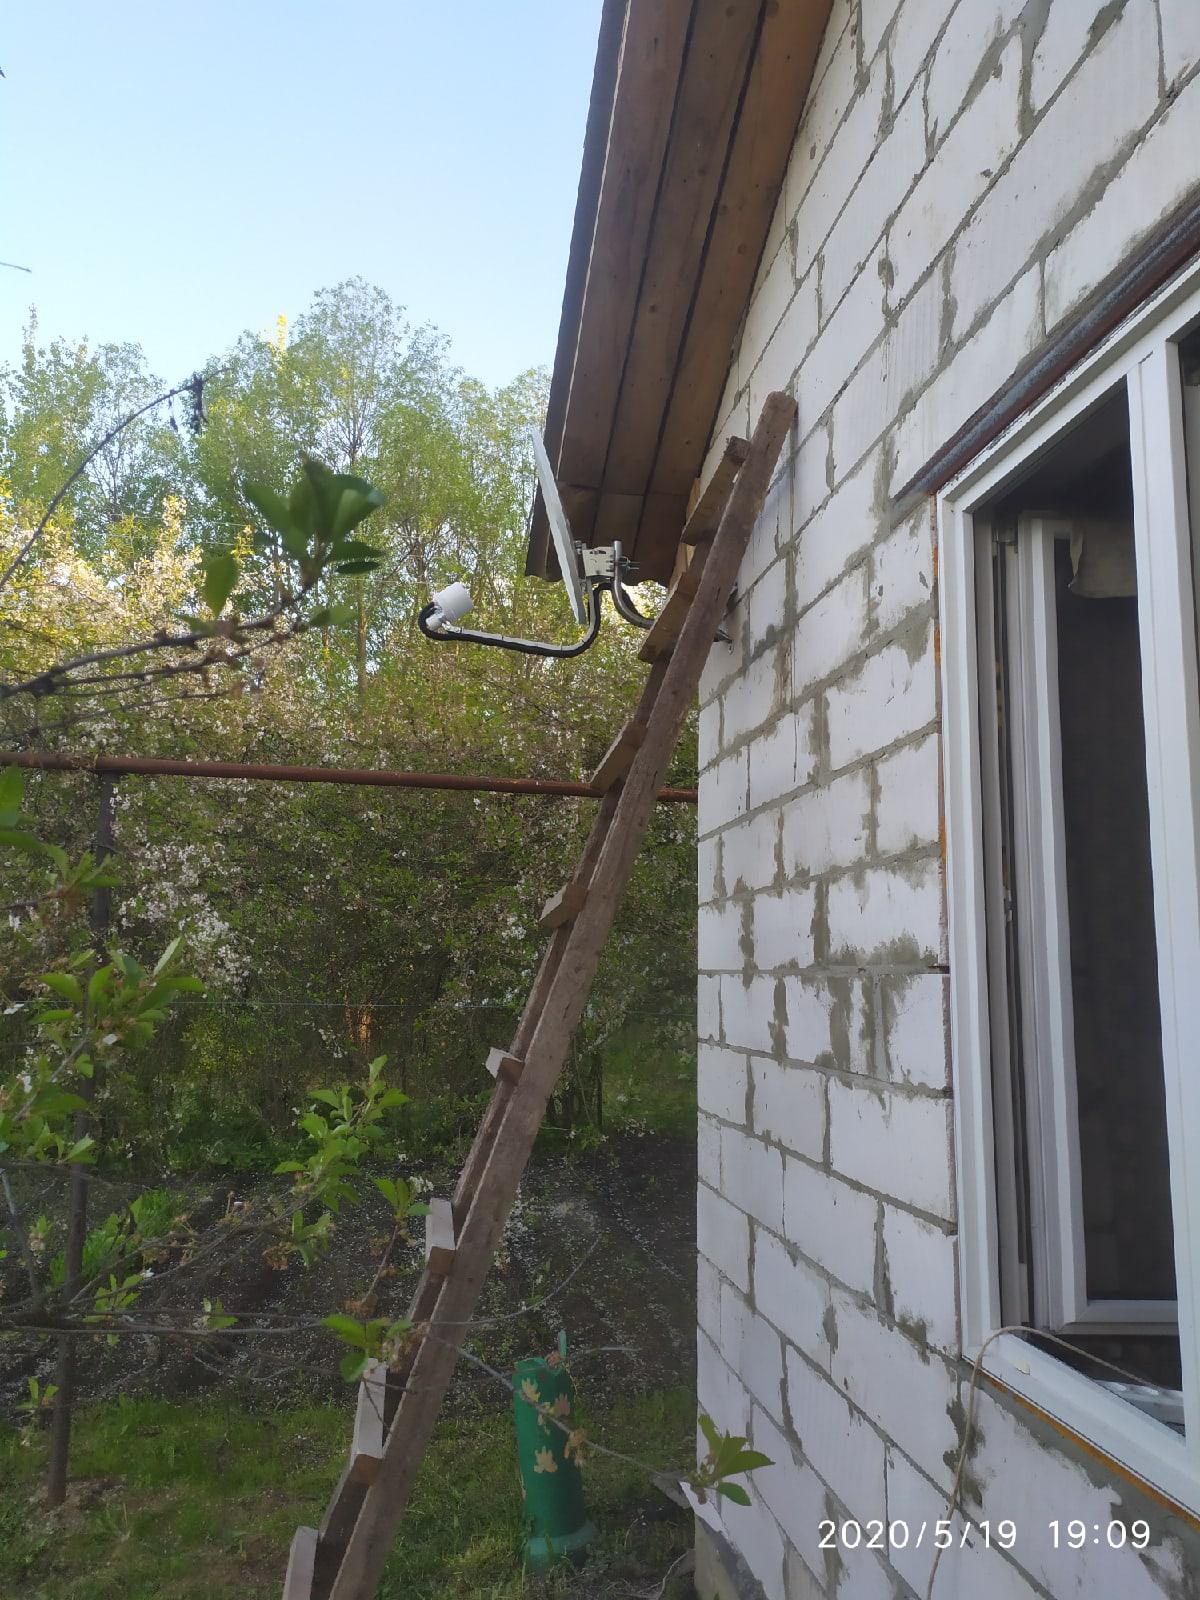 Подключение безлимитного интернета в деревне Савино Тульская область, Новомосковский район!